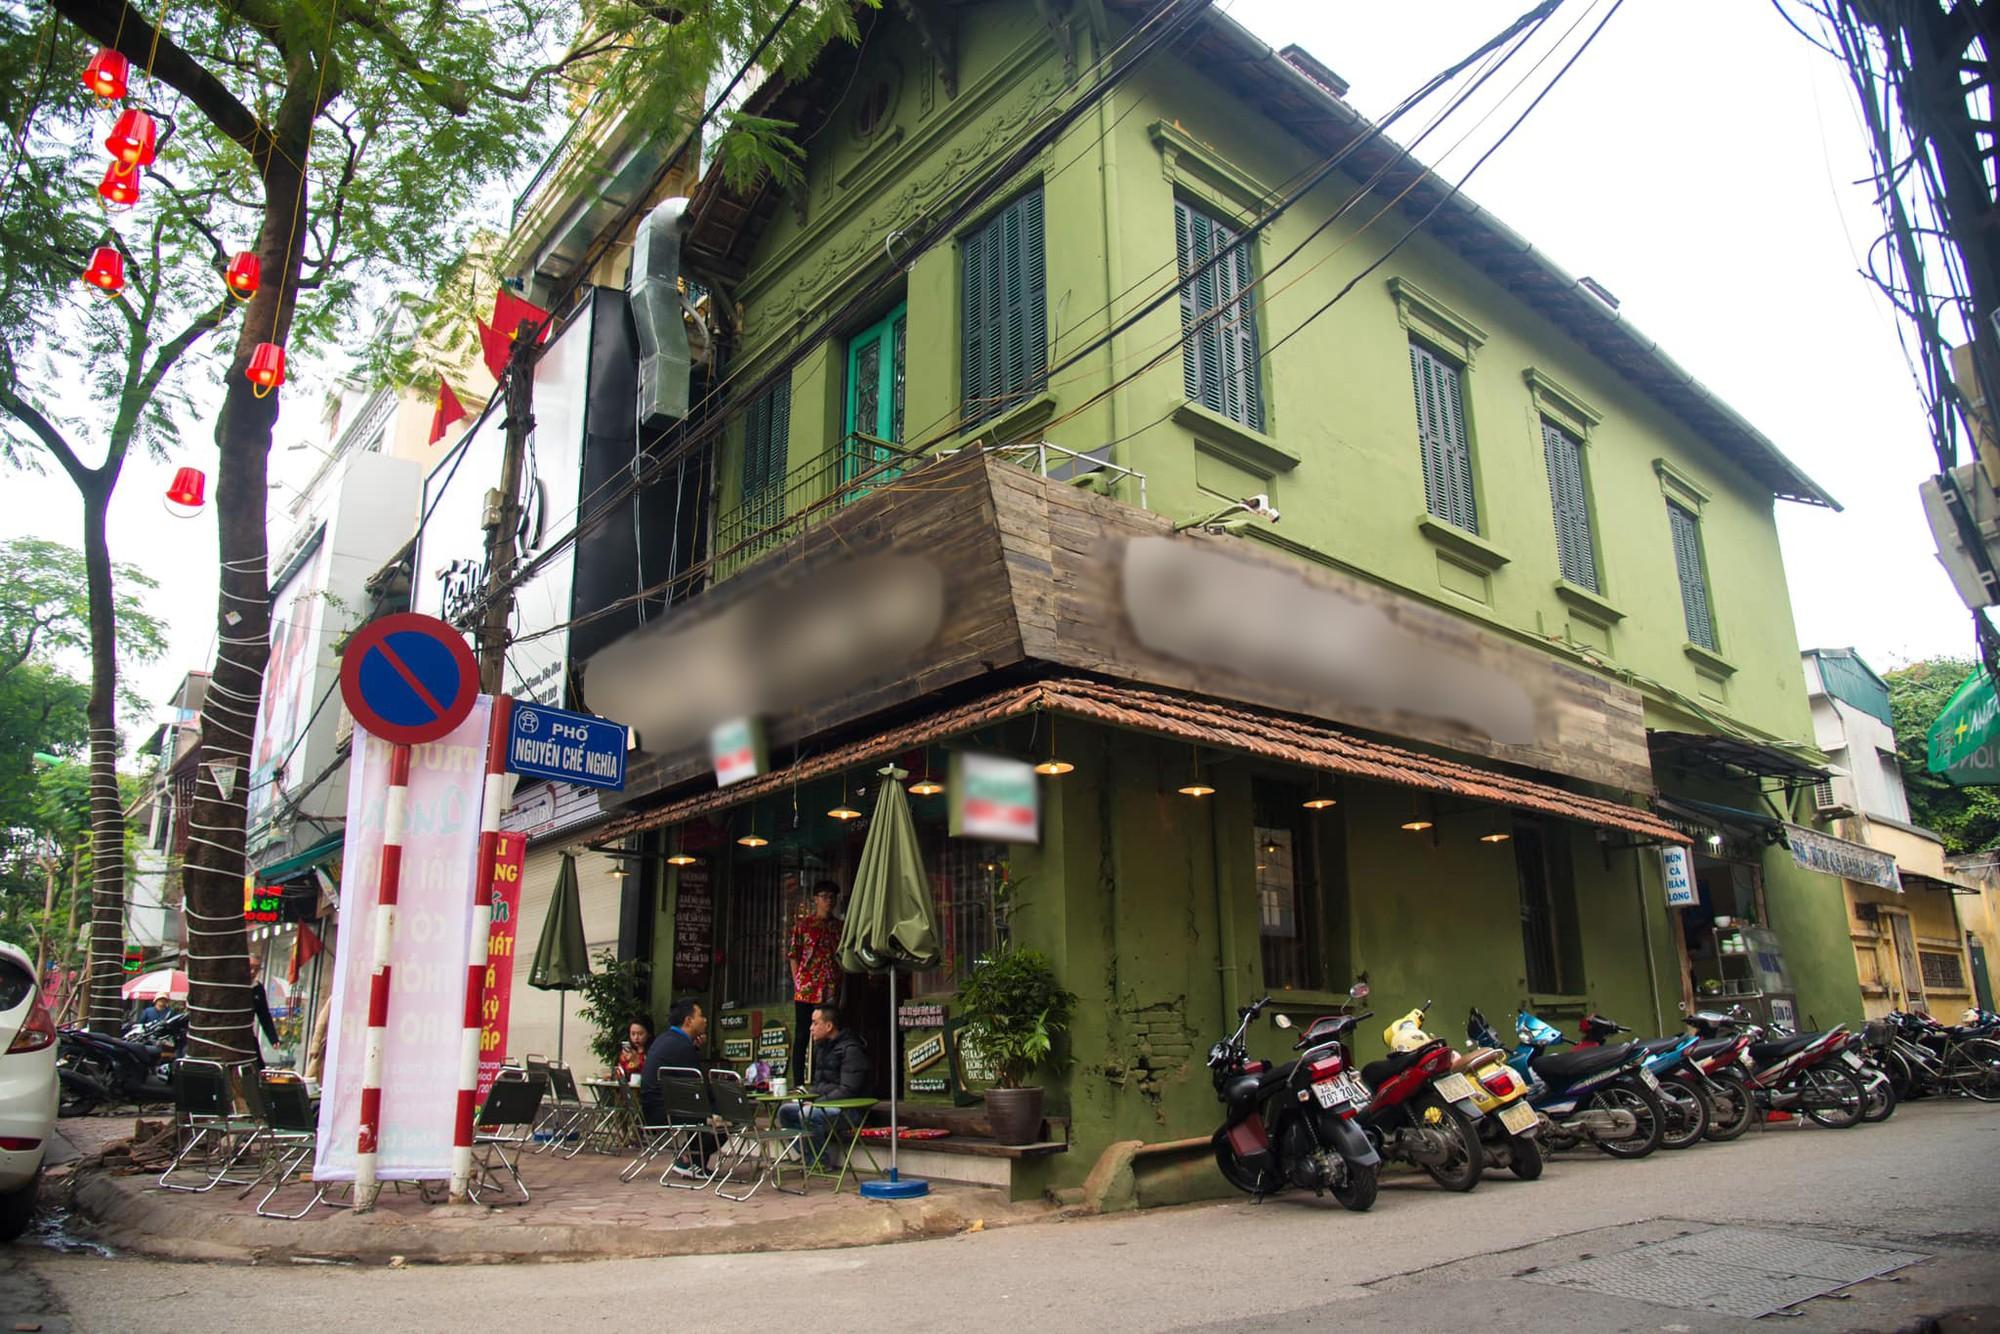 Tranh cãi về việc xuất hiện một quán cafe mới có phong cách y hệt Cộng Cà Phê từ concept đến decor - Ảnh 1.